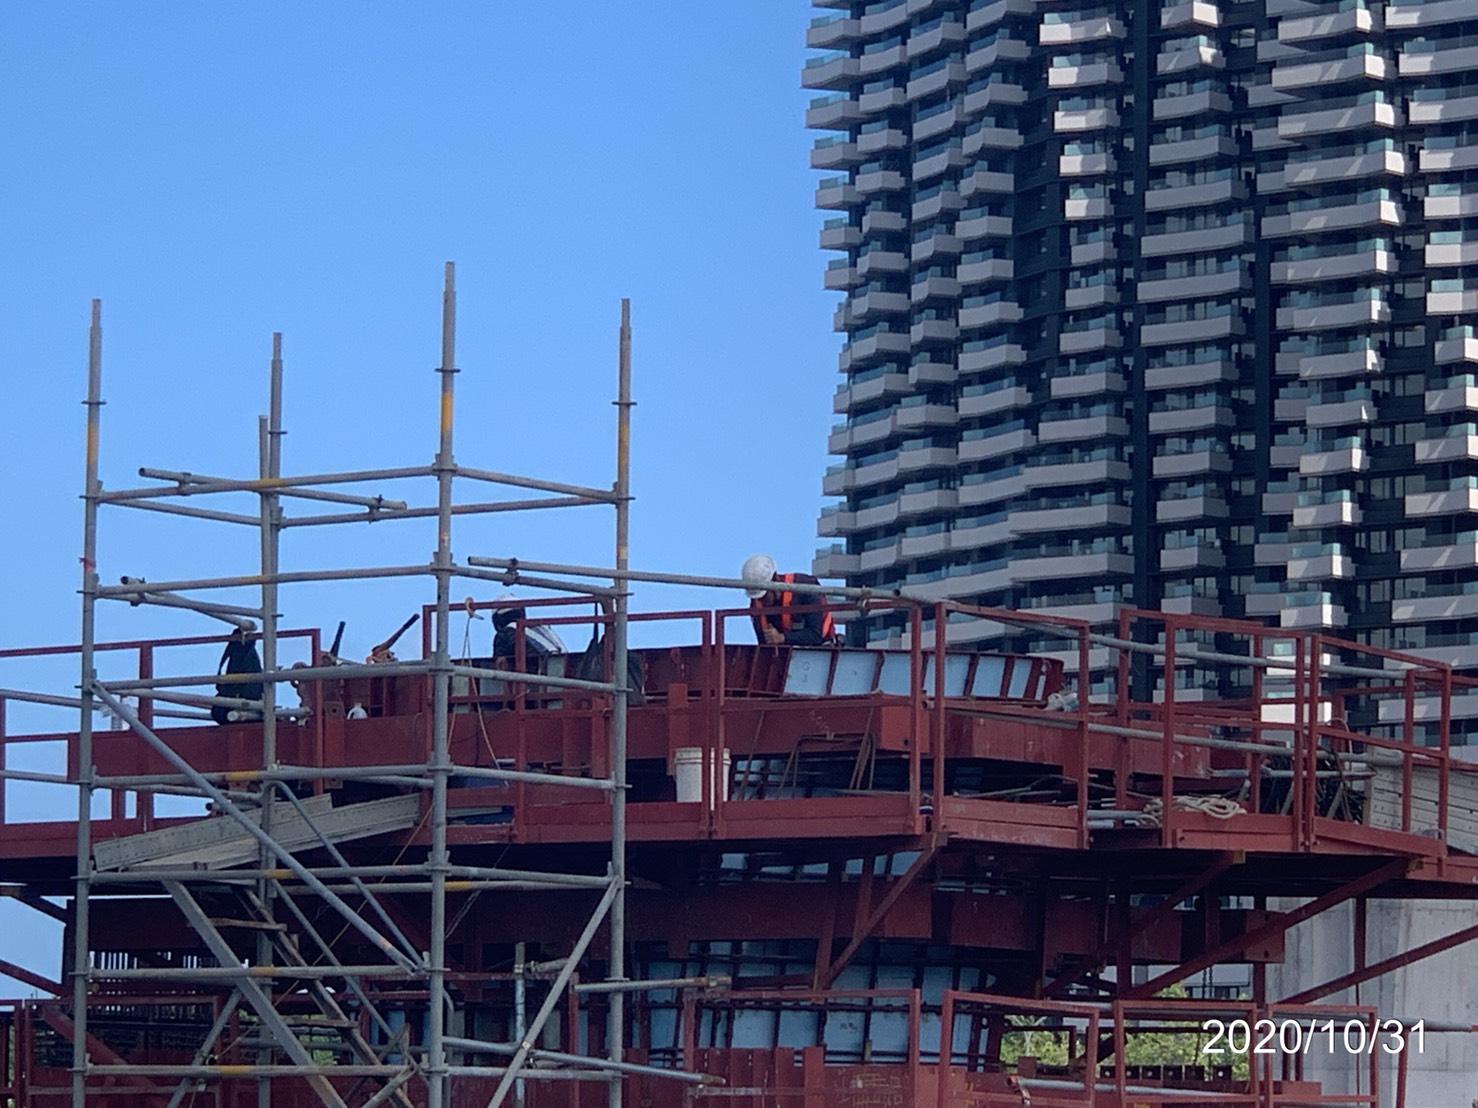 橋墩墩柱鋼筋綁紮及鋼模組立情況.